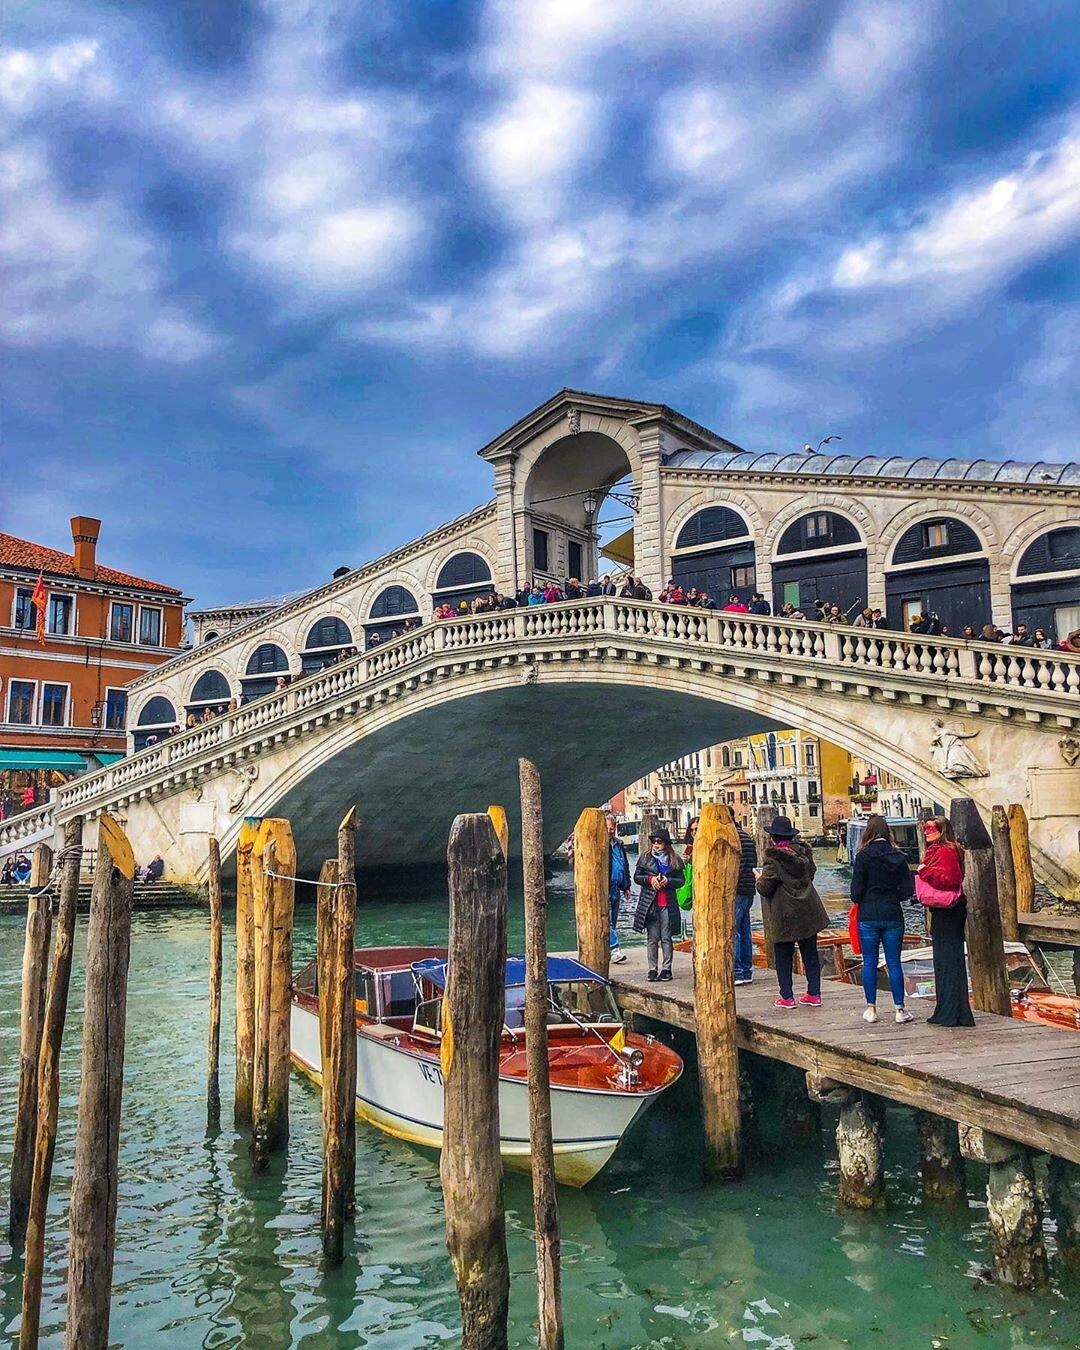 куртку зимнюю мост риальто в венеции фото кого